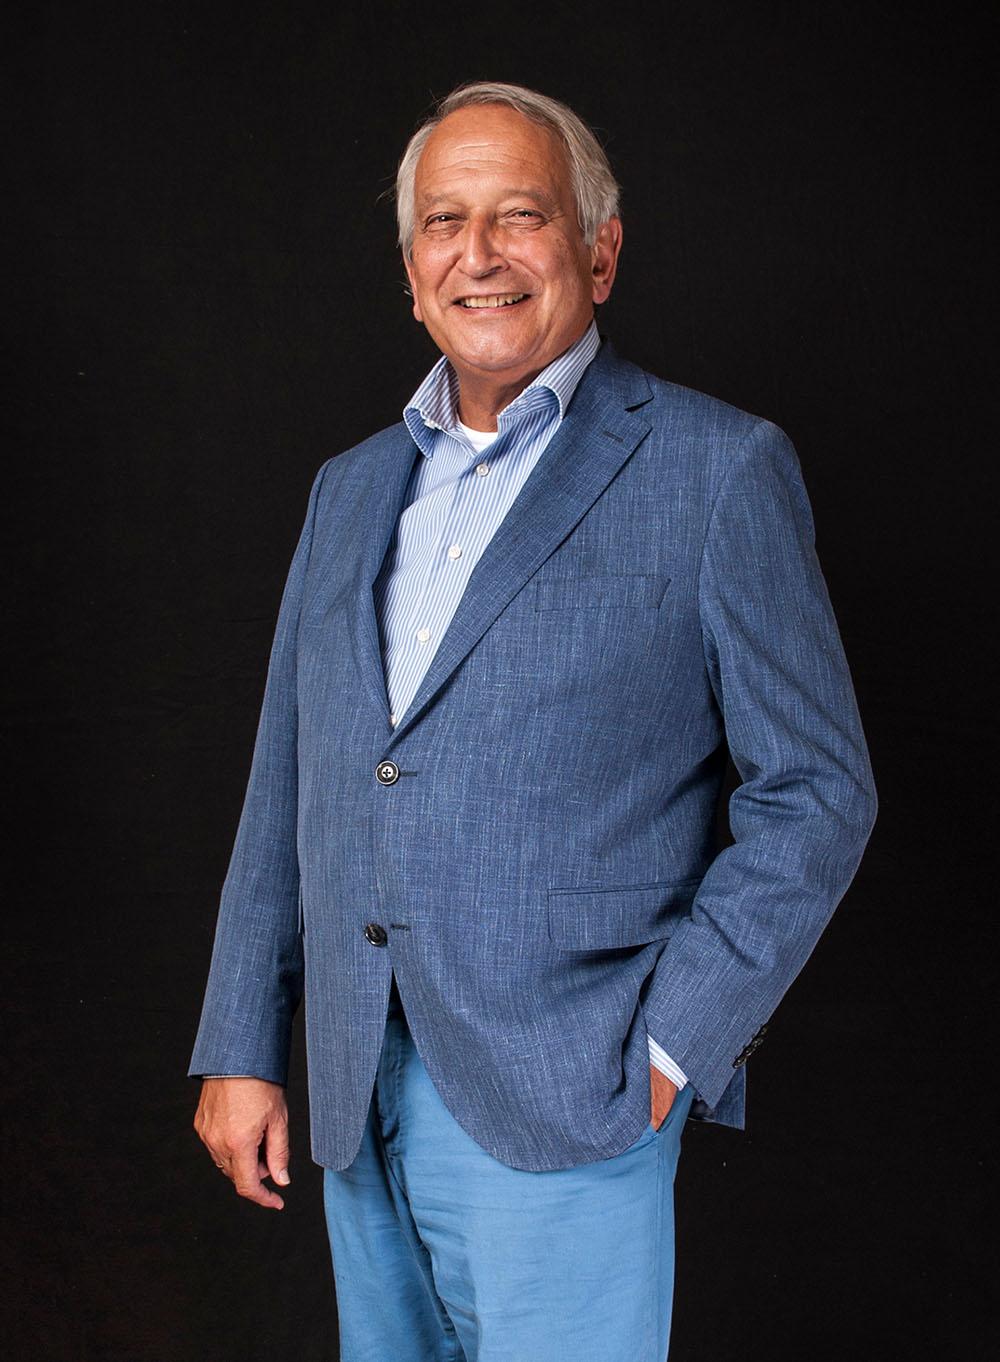 Hugo Smit